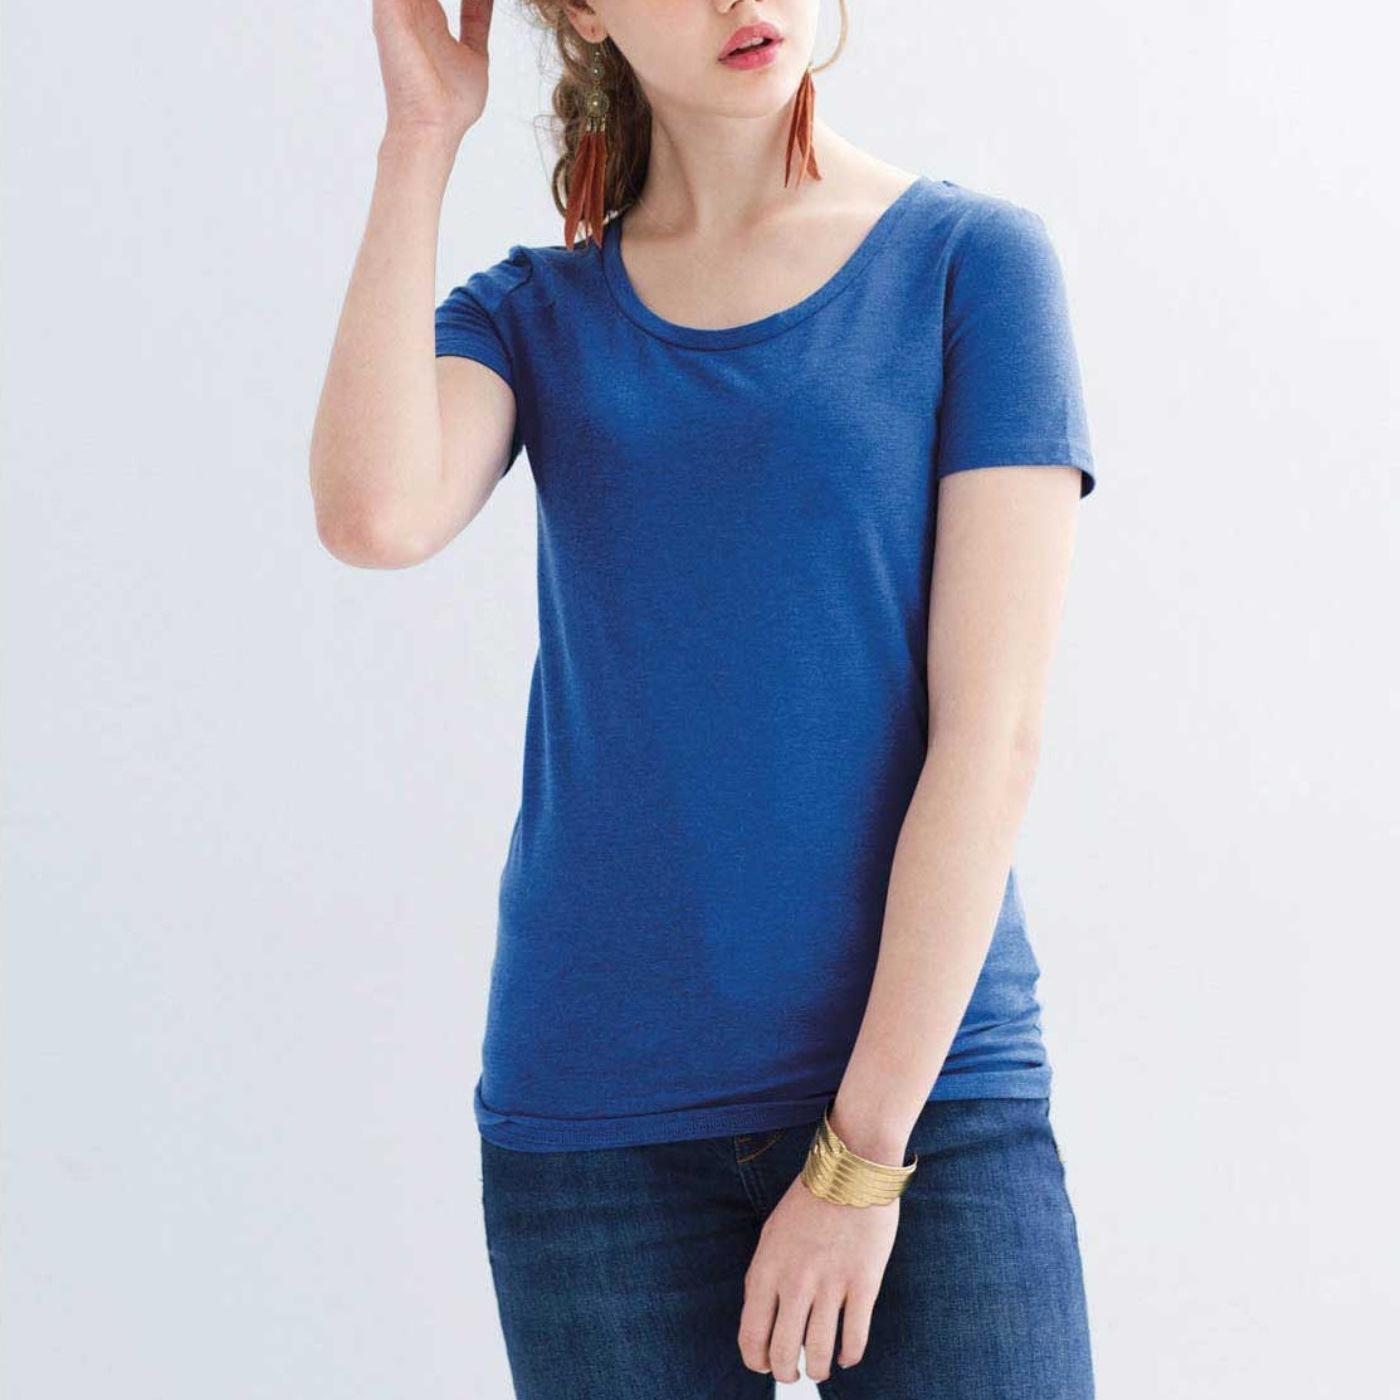 プレーンなTシャツコーデは上向きバストで決める